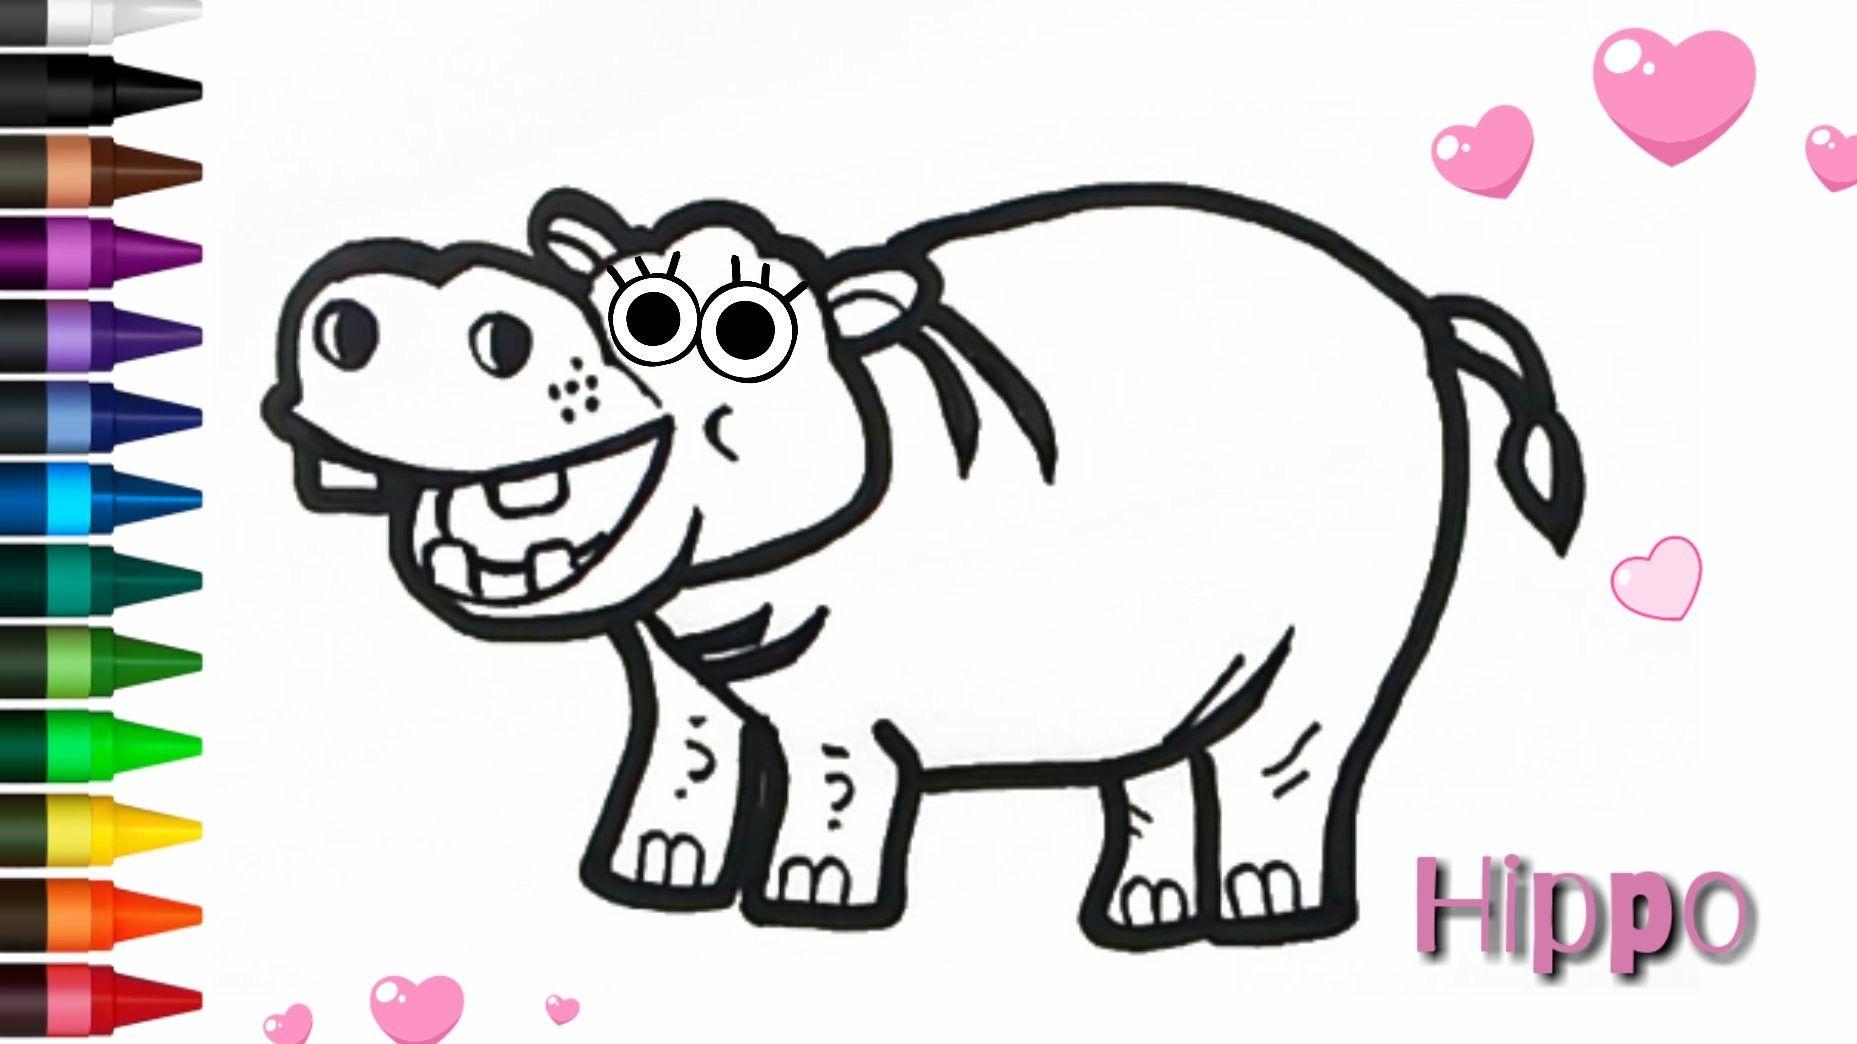 Menggambar Dan Mewarnai Hippo Mudah Untuk Anak Anak Cara Menggambar Untuk Anak Anak Anak